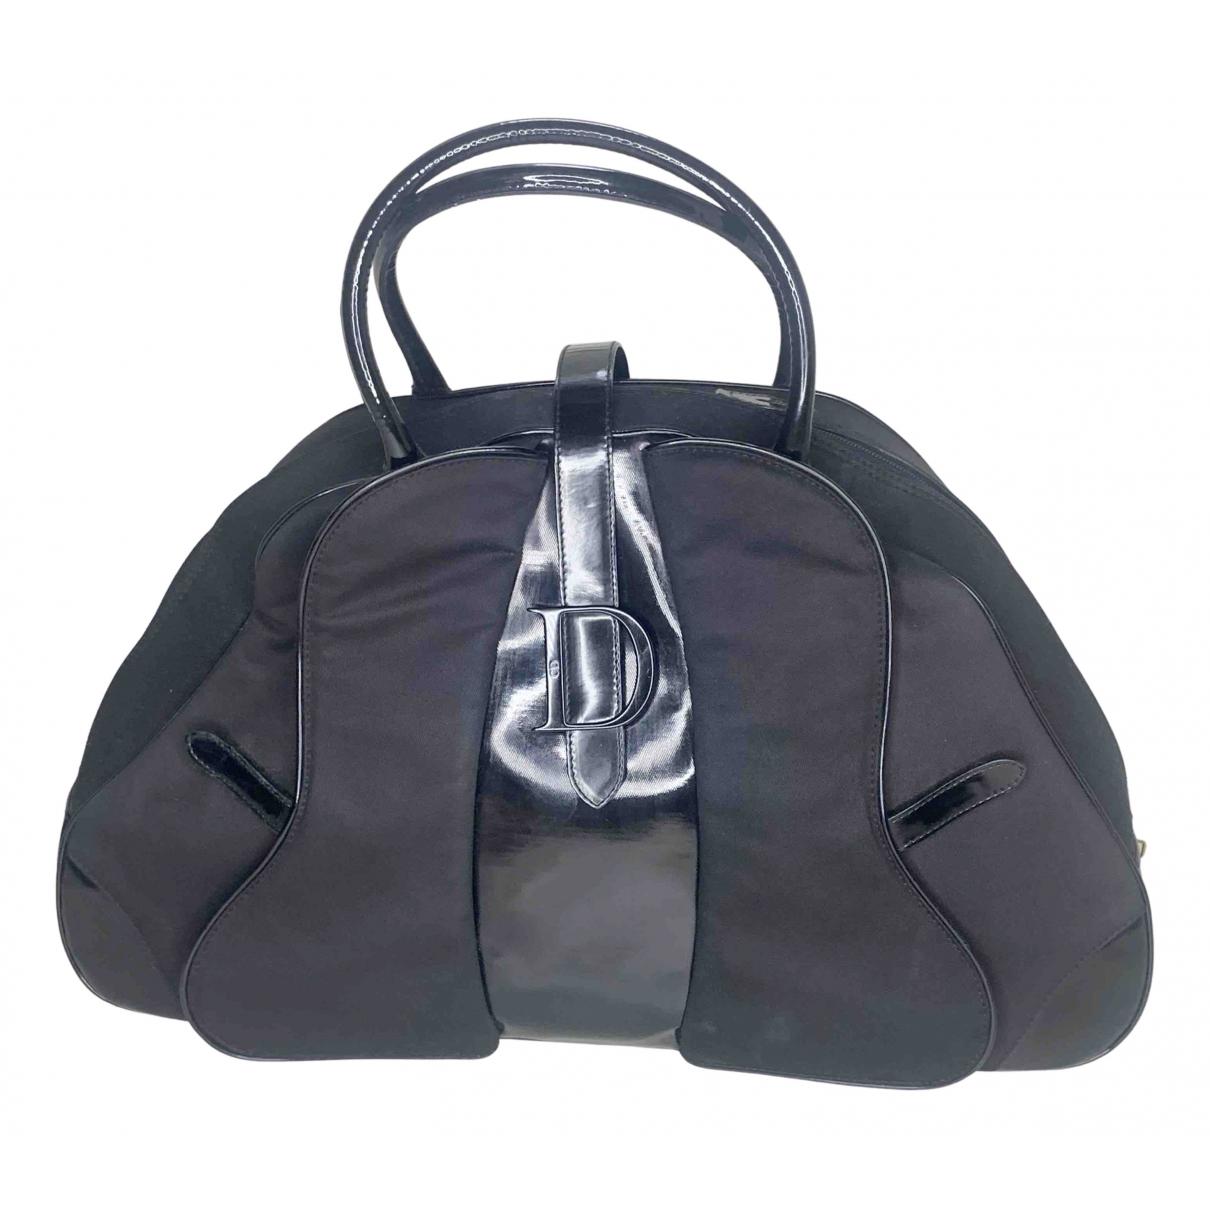 Dior - Sac a main Saddle Bowler pour femme en toile - noir